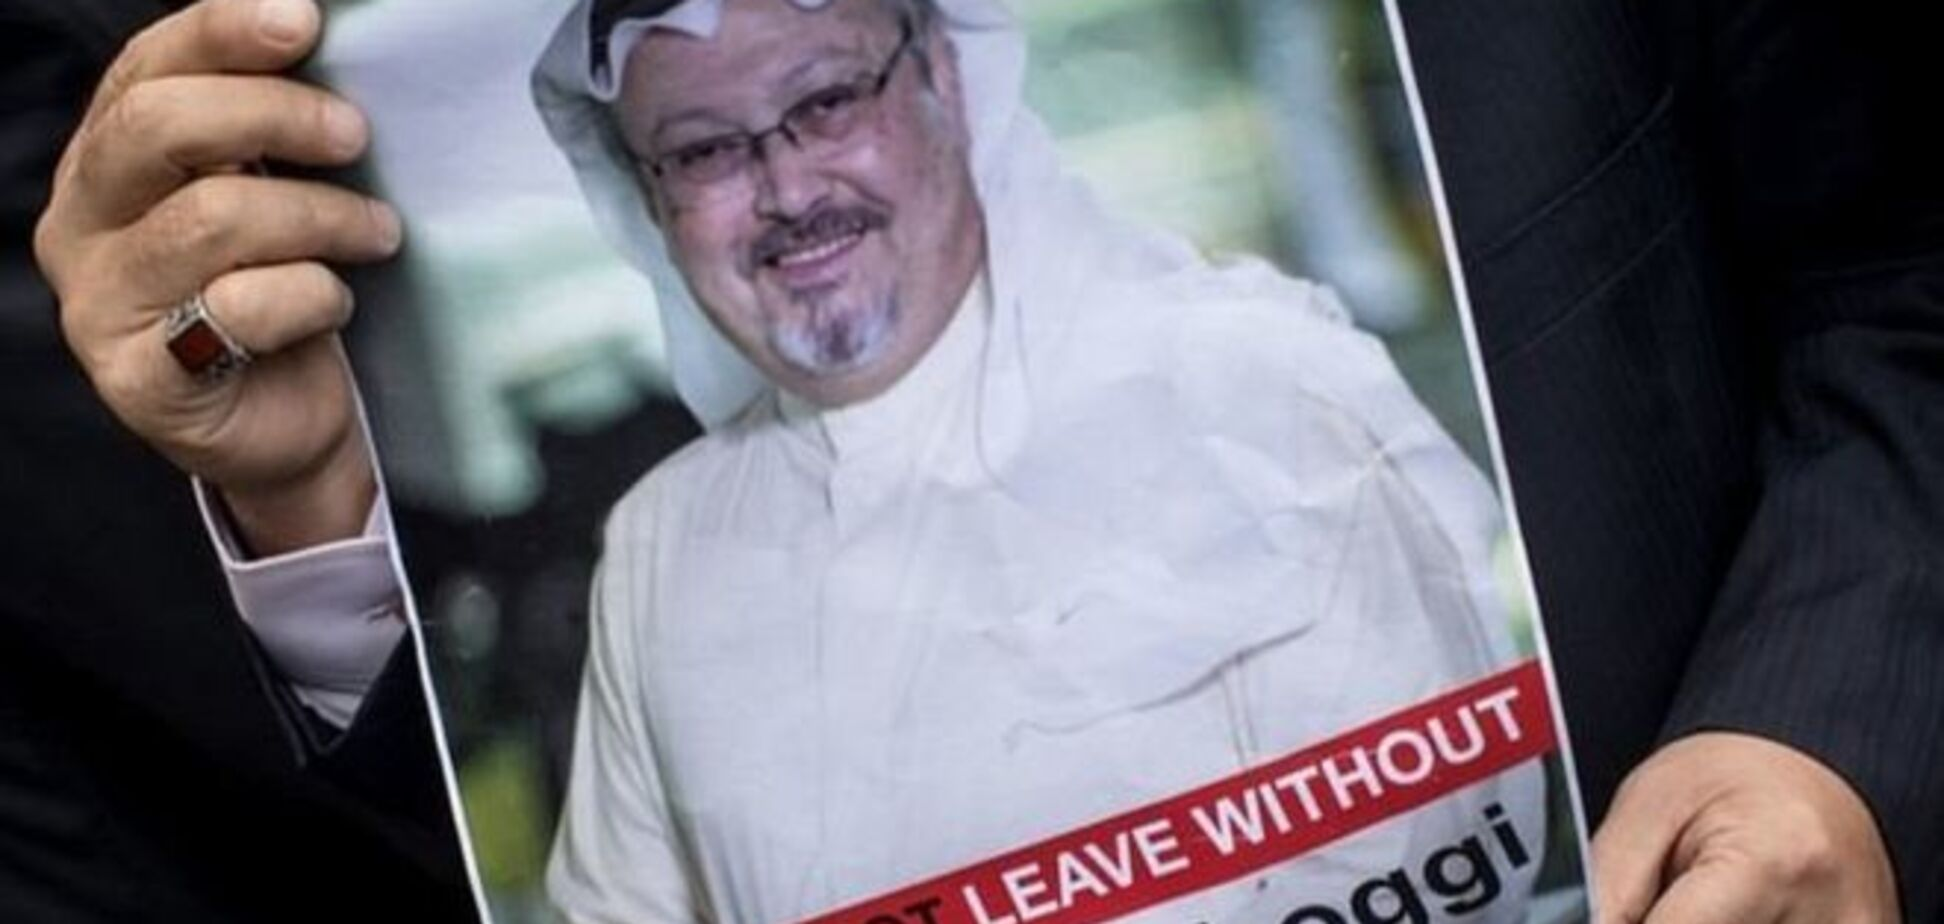 Таинственное исчезновение журналиста: новые подробности